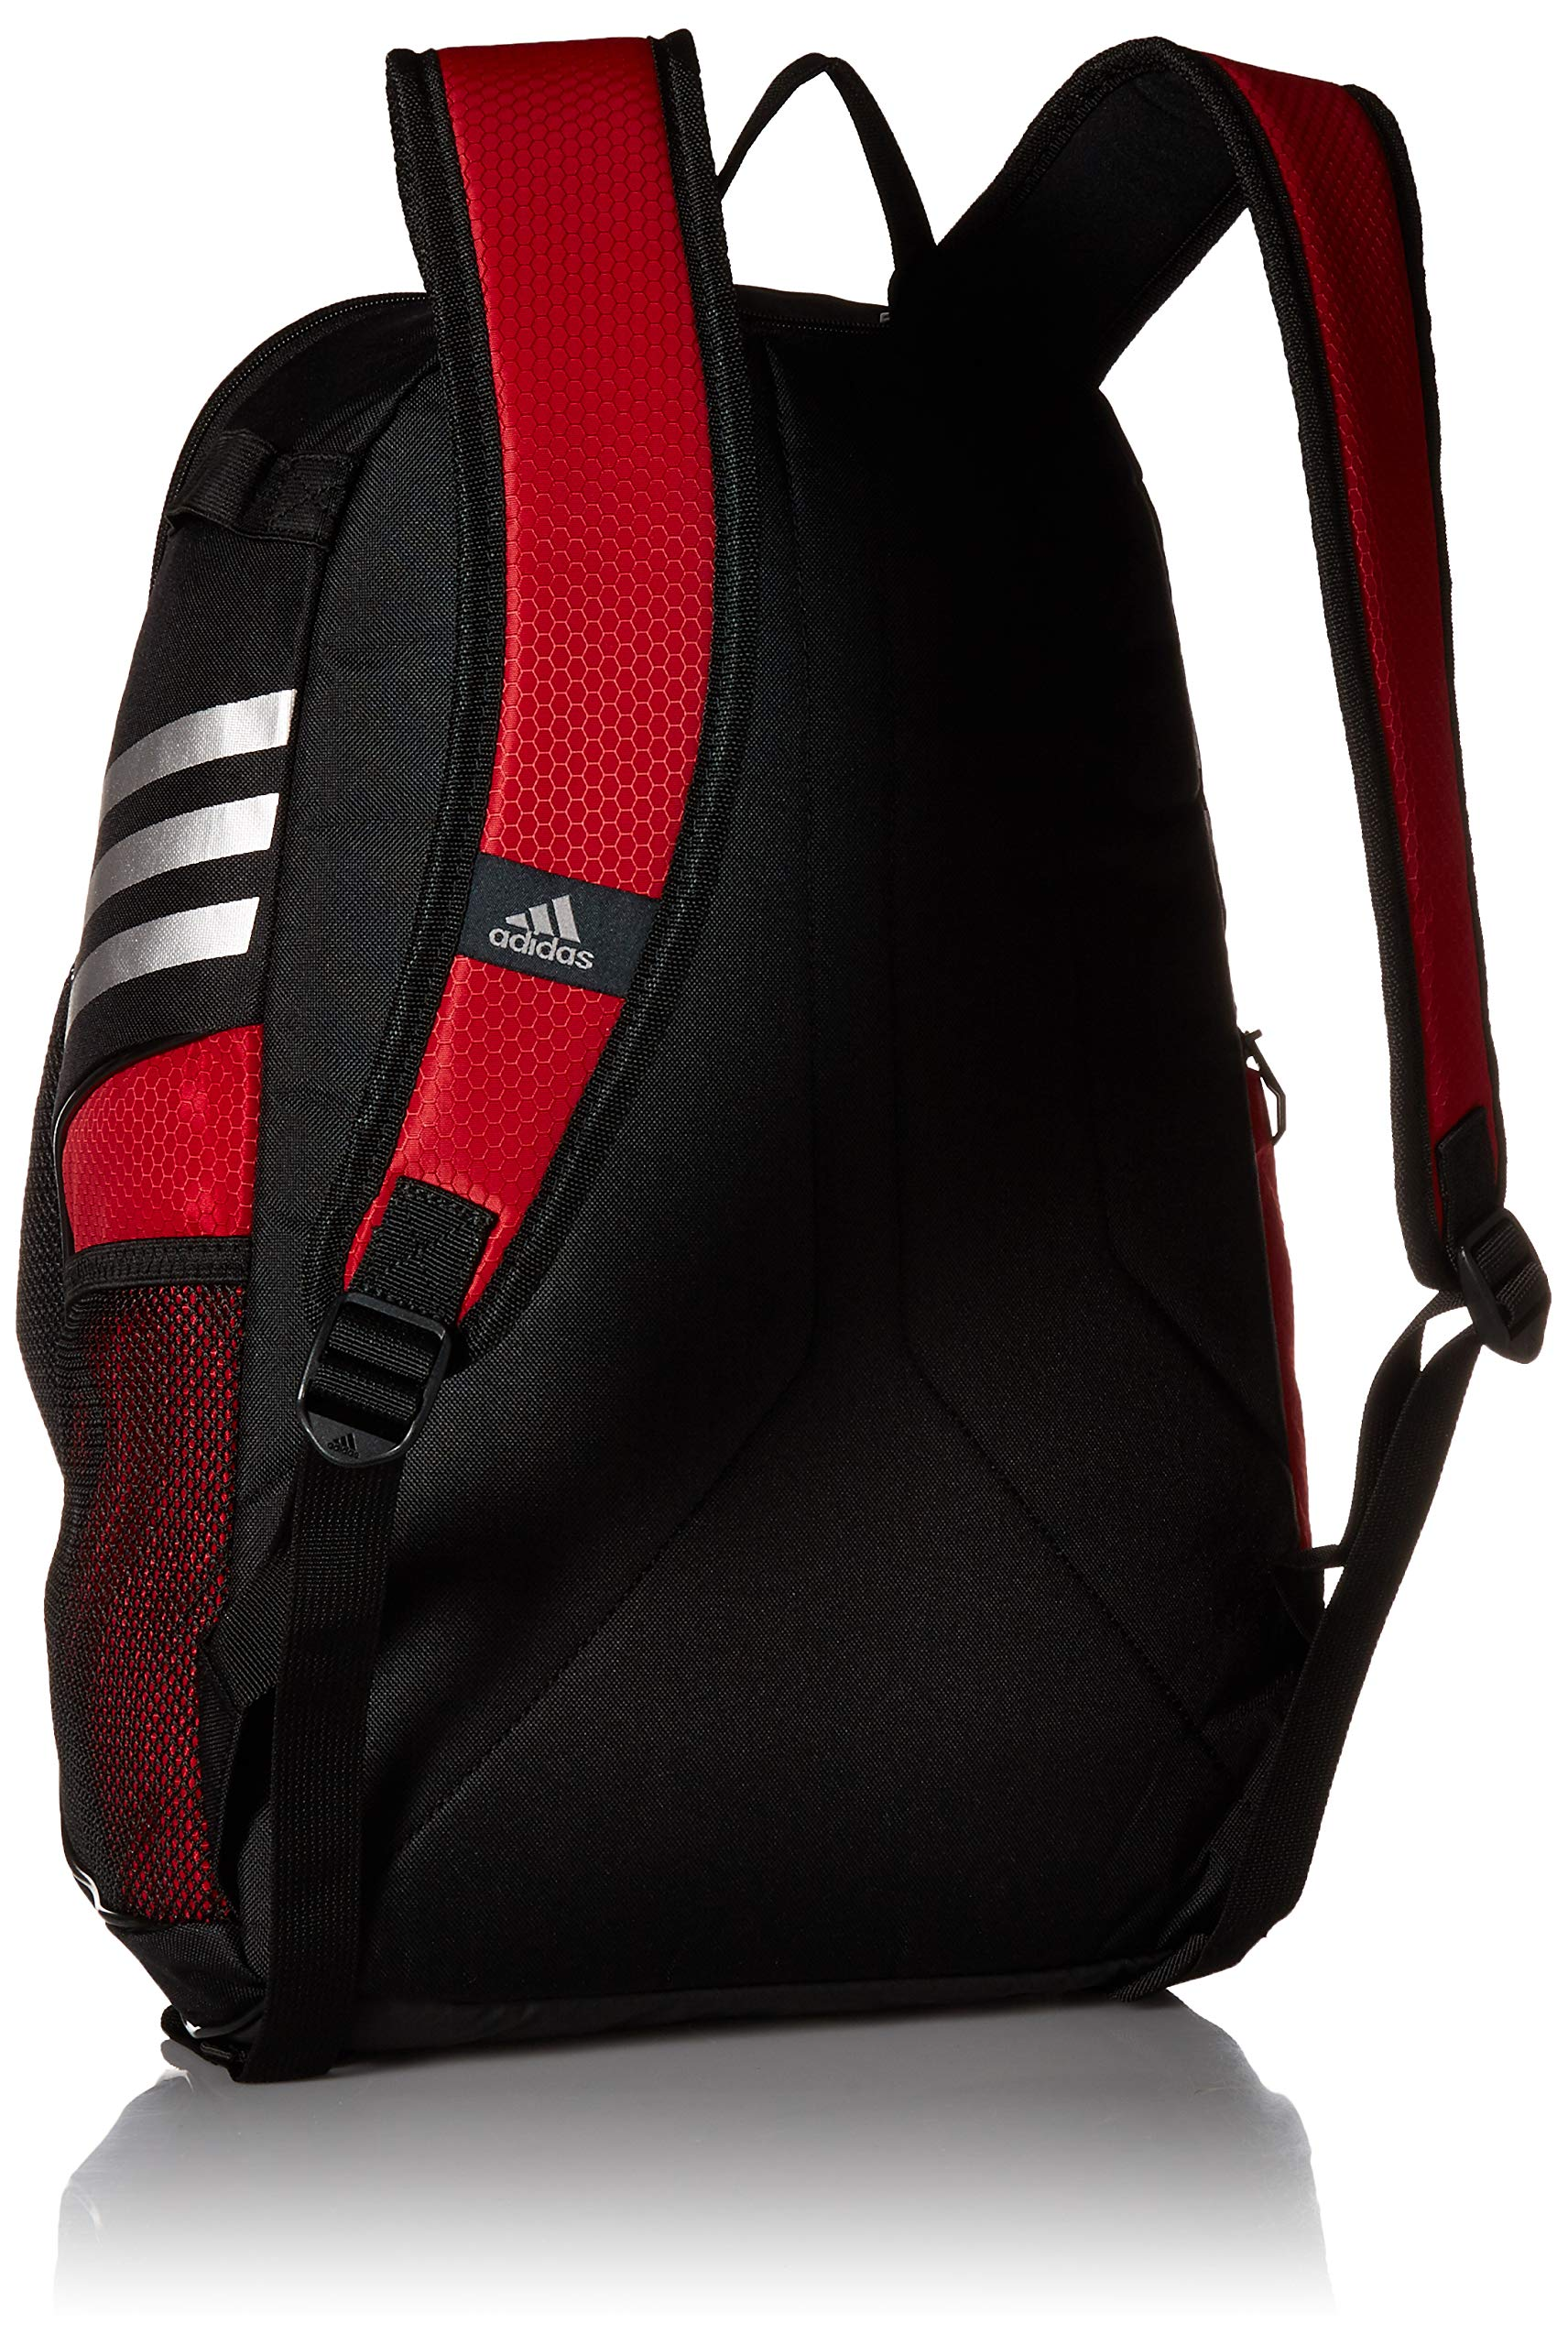 a12001b5c adidas Utility Field Backpack – TigerSportsKO.com